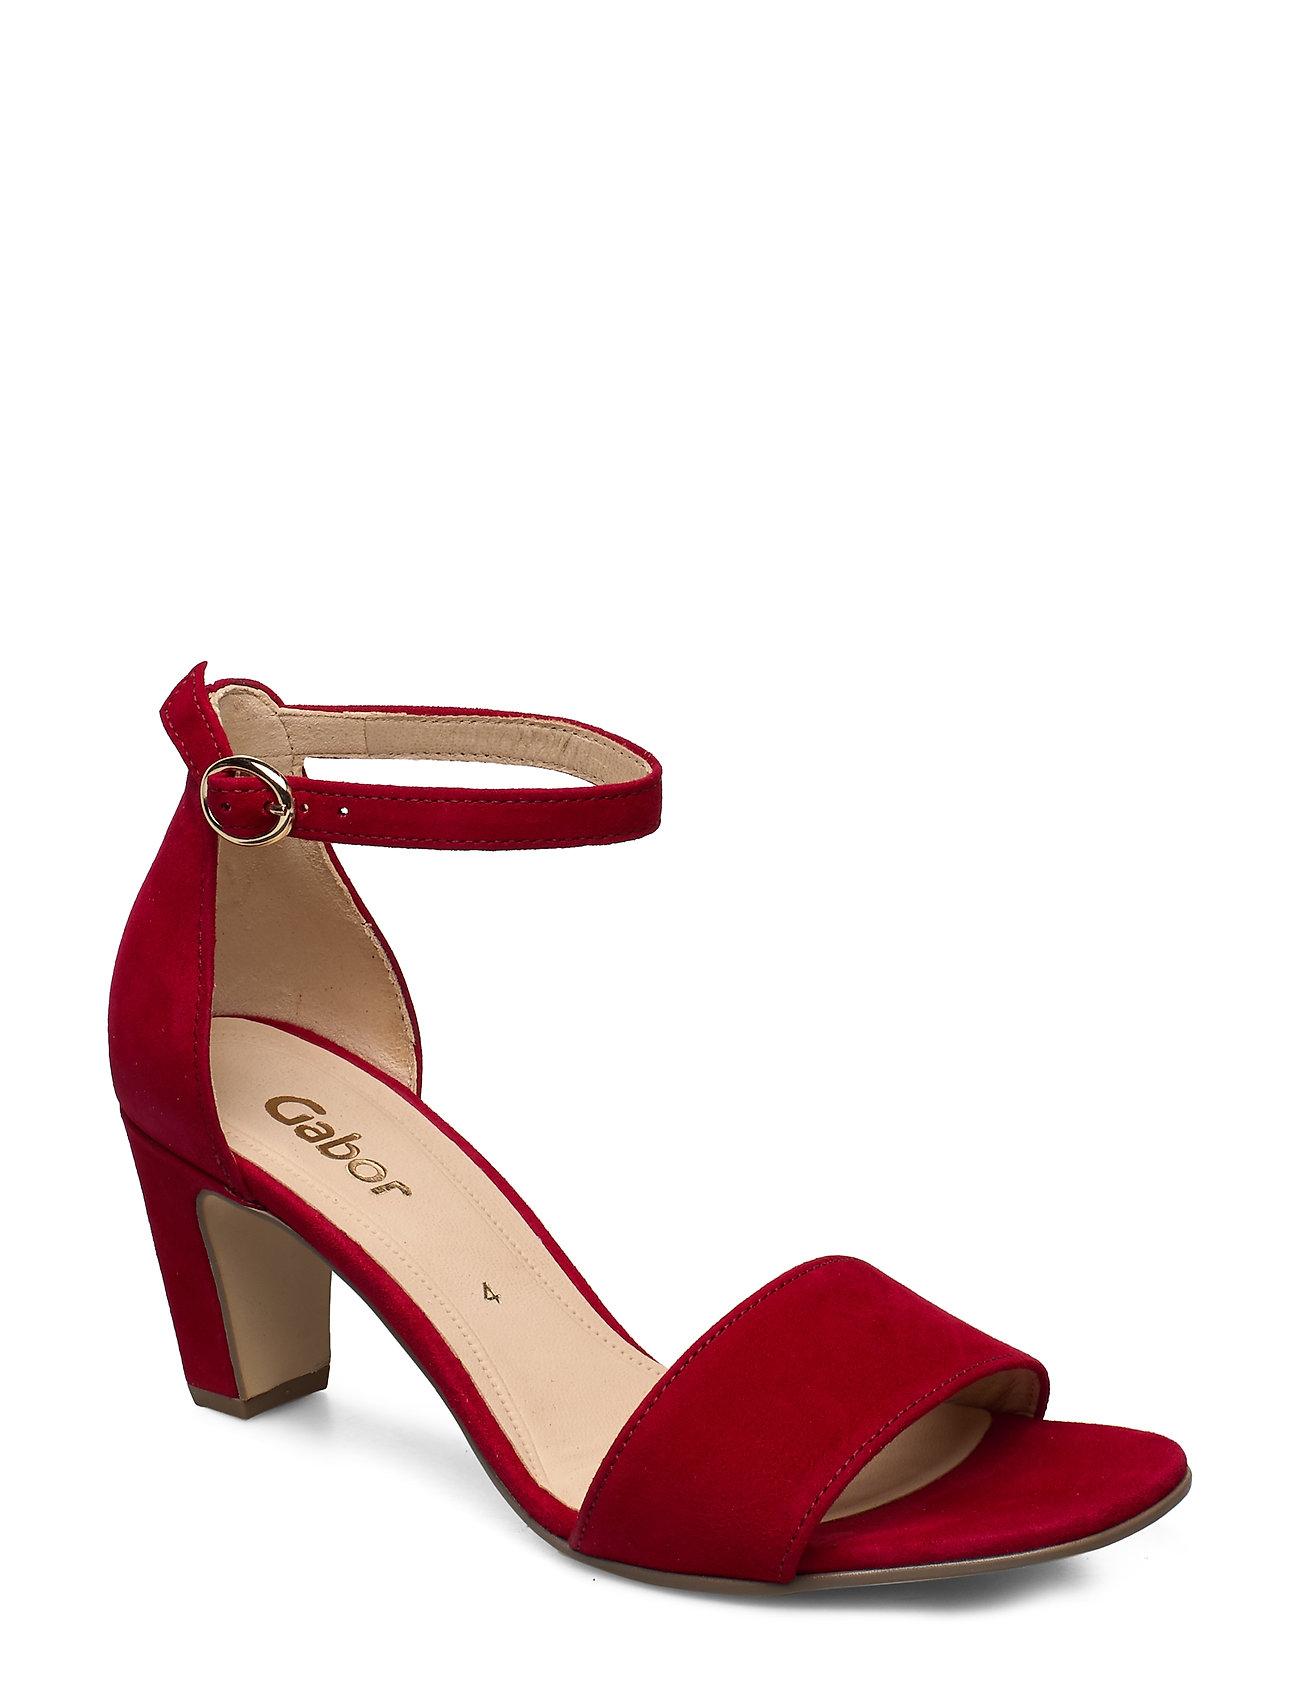 Image of Sandals Sandal Med Hæl Rød Gabor (3359210341)